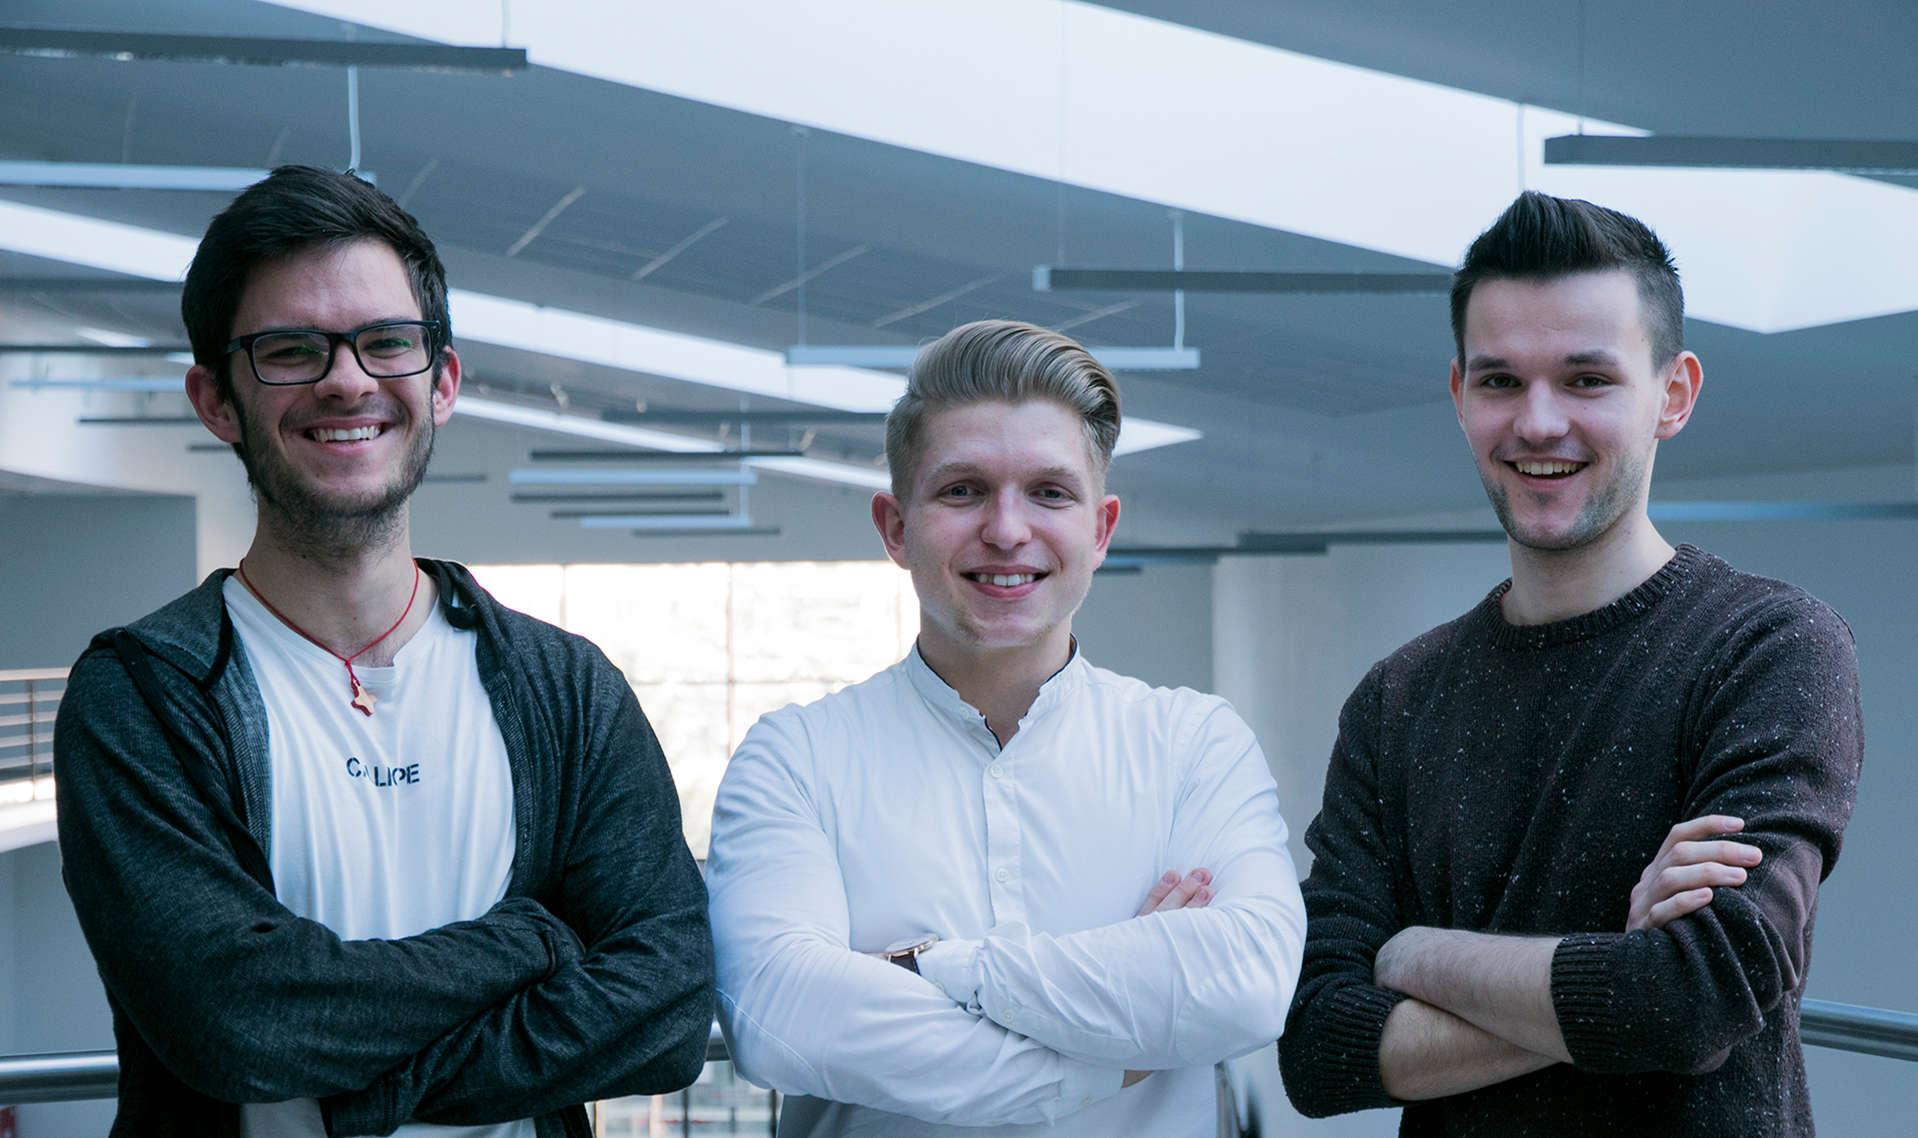 Slovenskí študenti zožali úspech s projektom internetového prehliadača pre nevidiacich - Fakulta informatiky a informacnych technologii v Bratislave